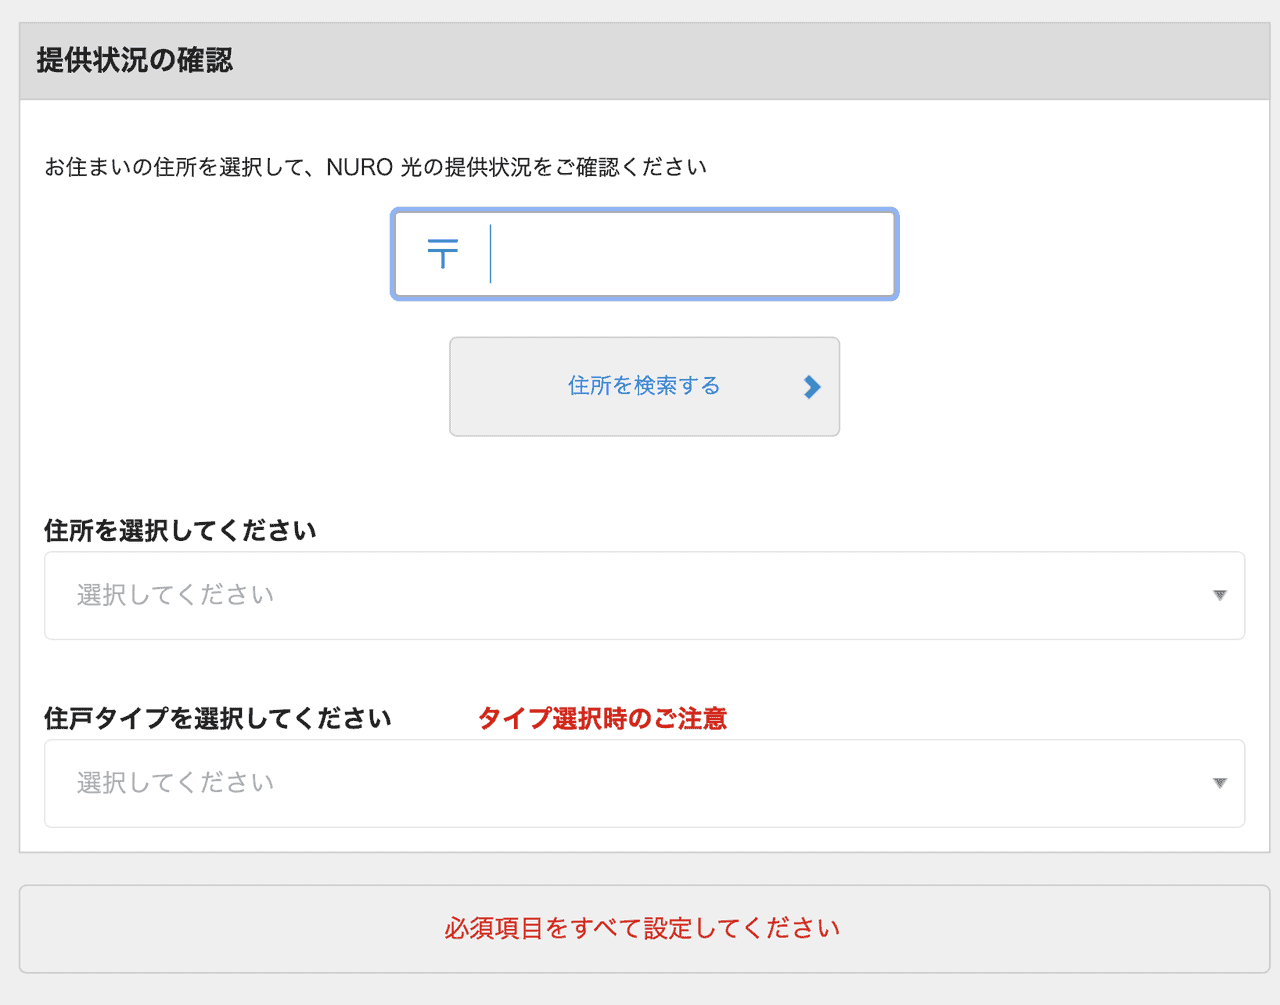 NURO光 公式ページ エリア検索